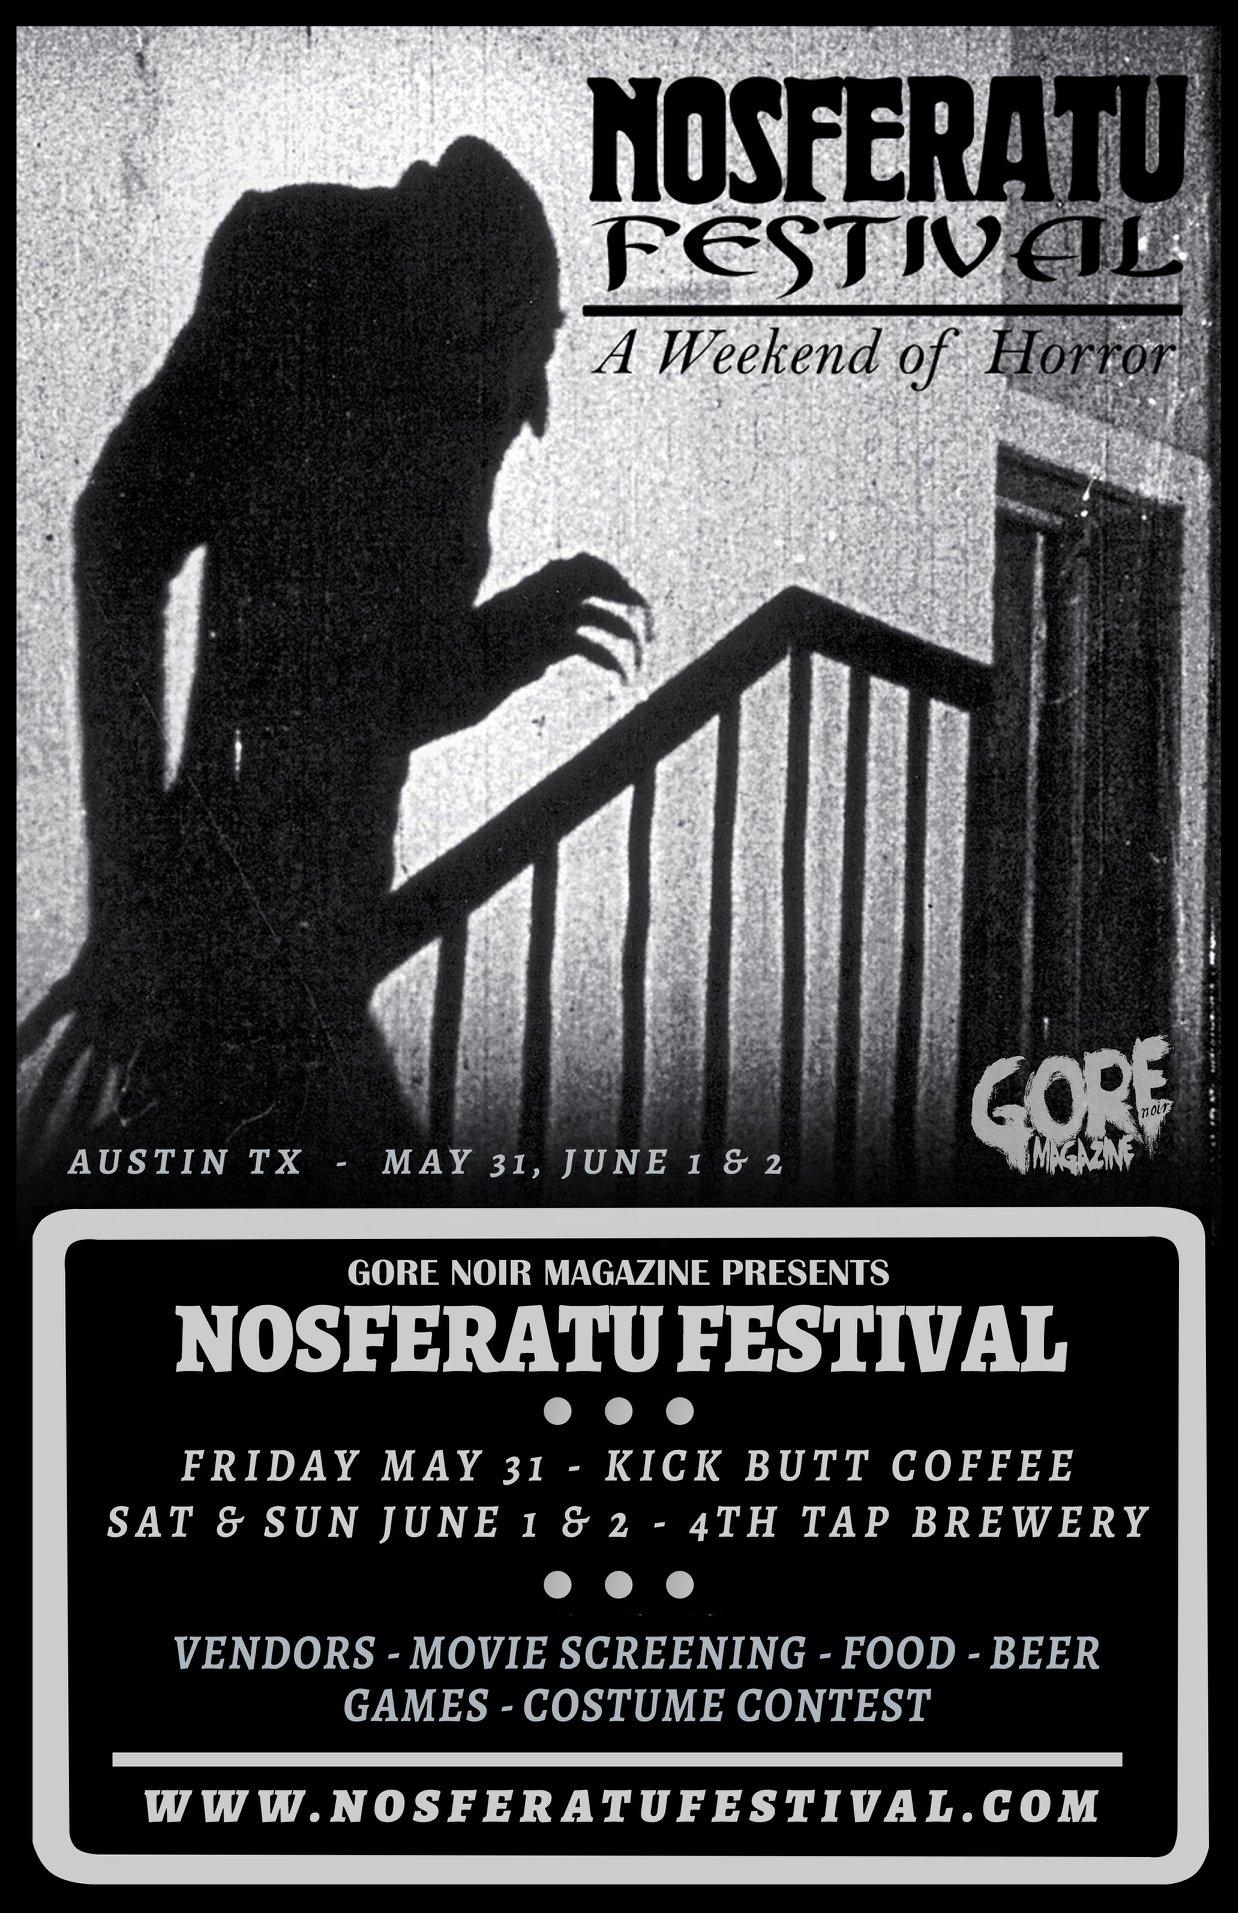 Nosferatu Festival A Weekend of Horror